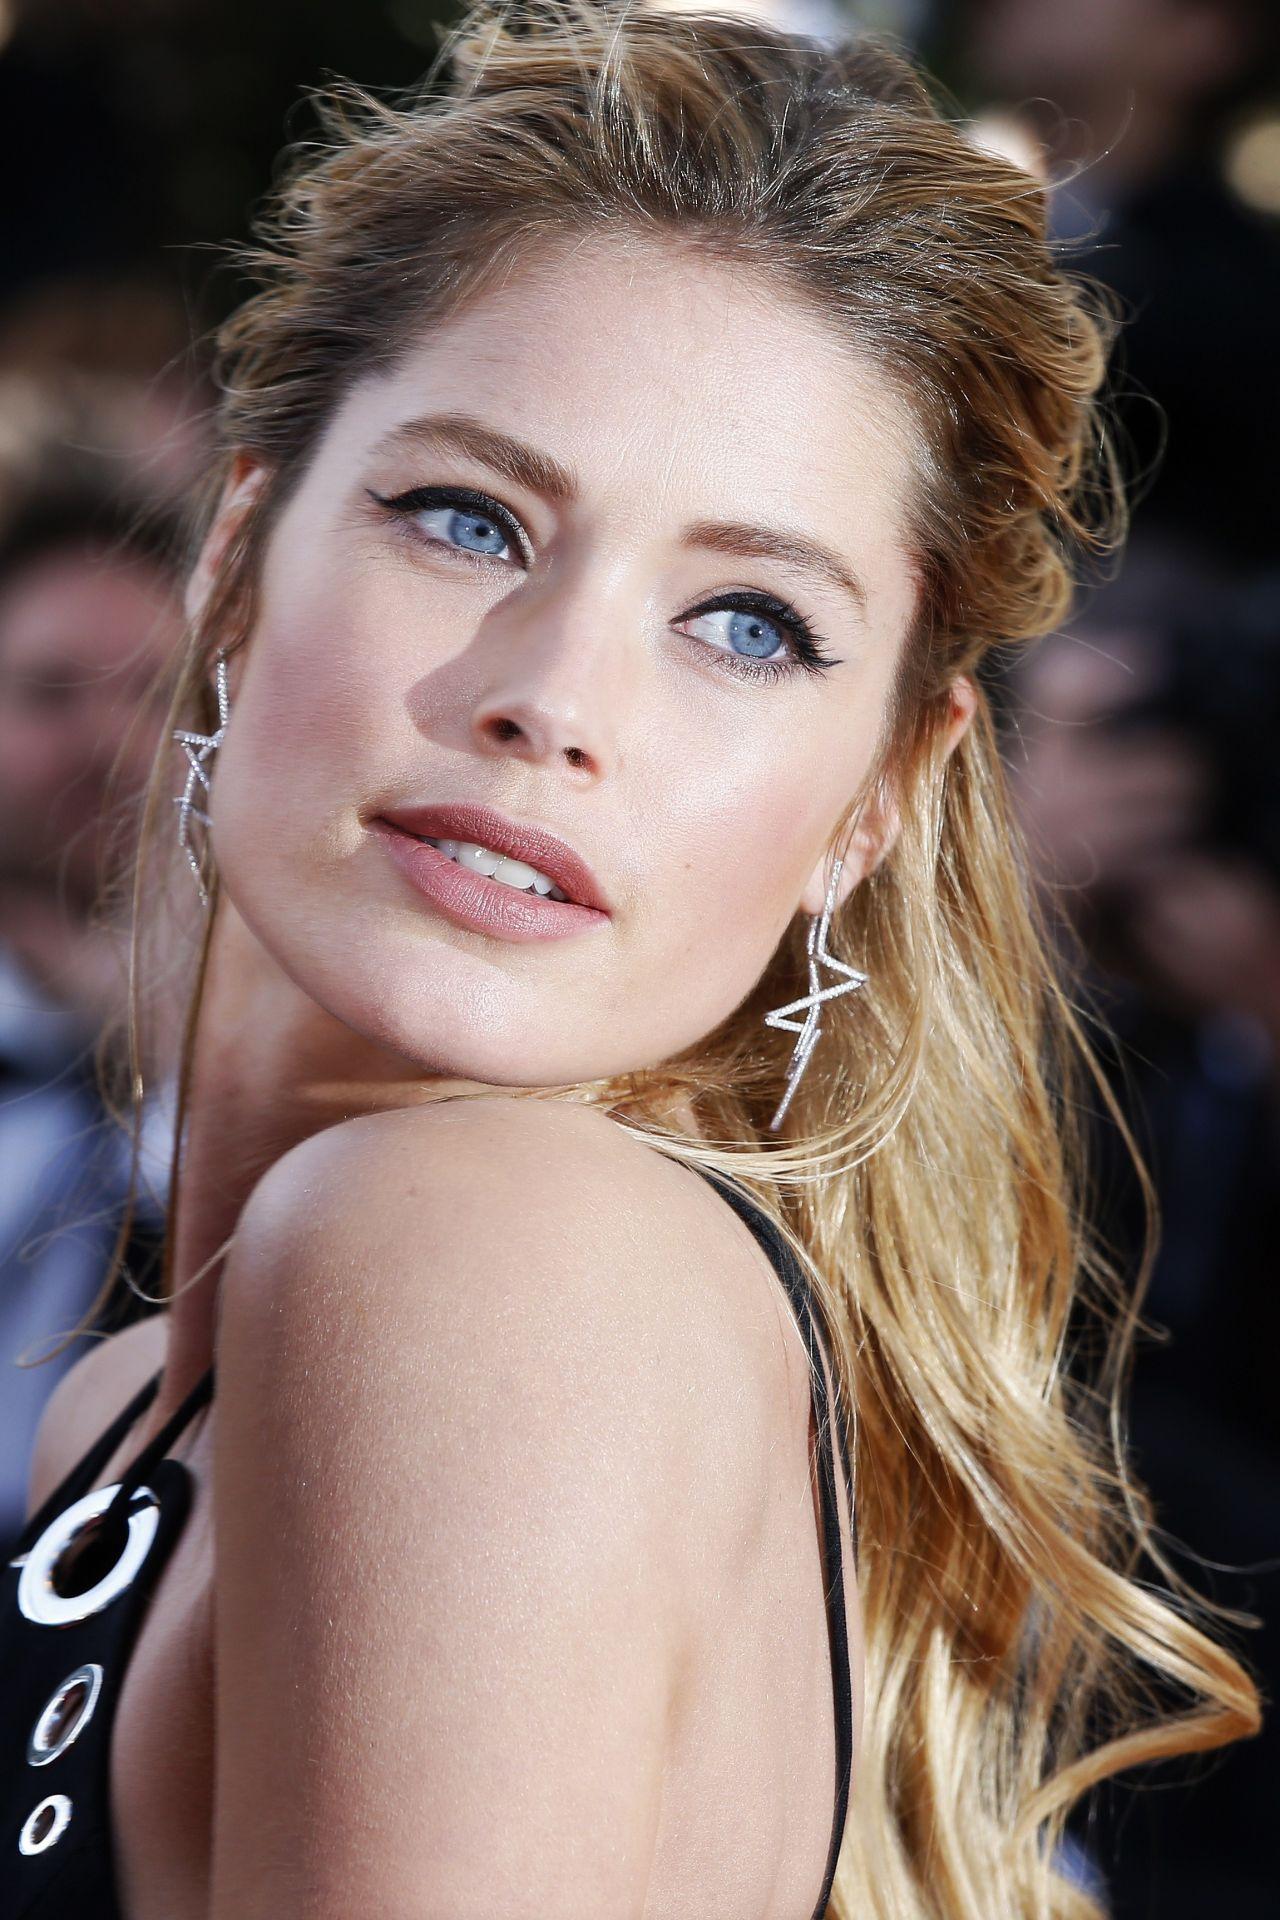 Doutzen Kroes Youth Premiere At 2015 Cannes Film Festival